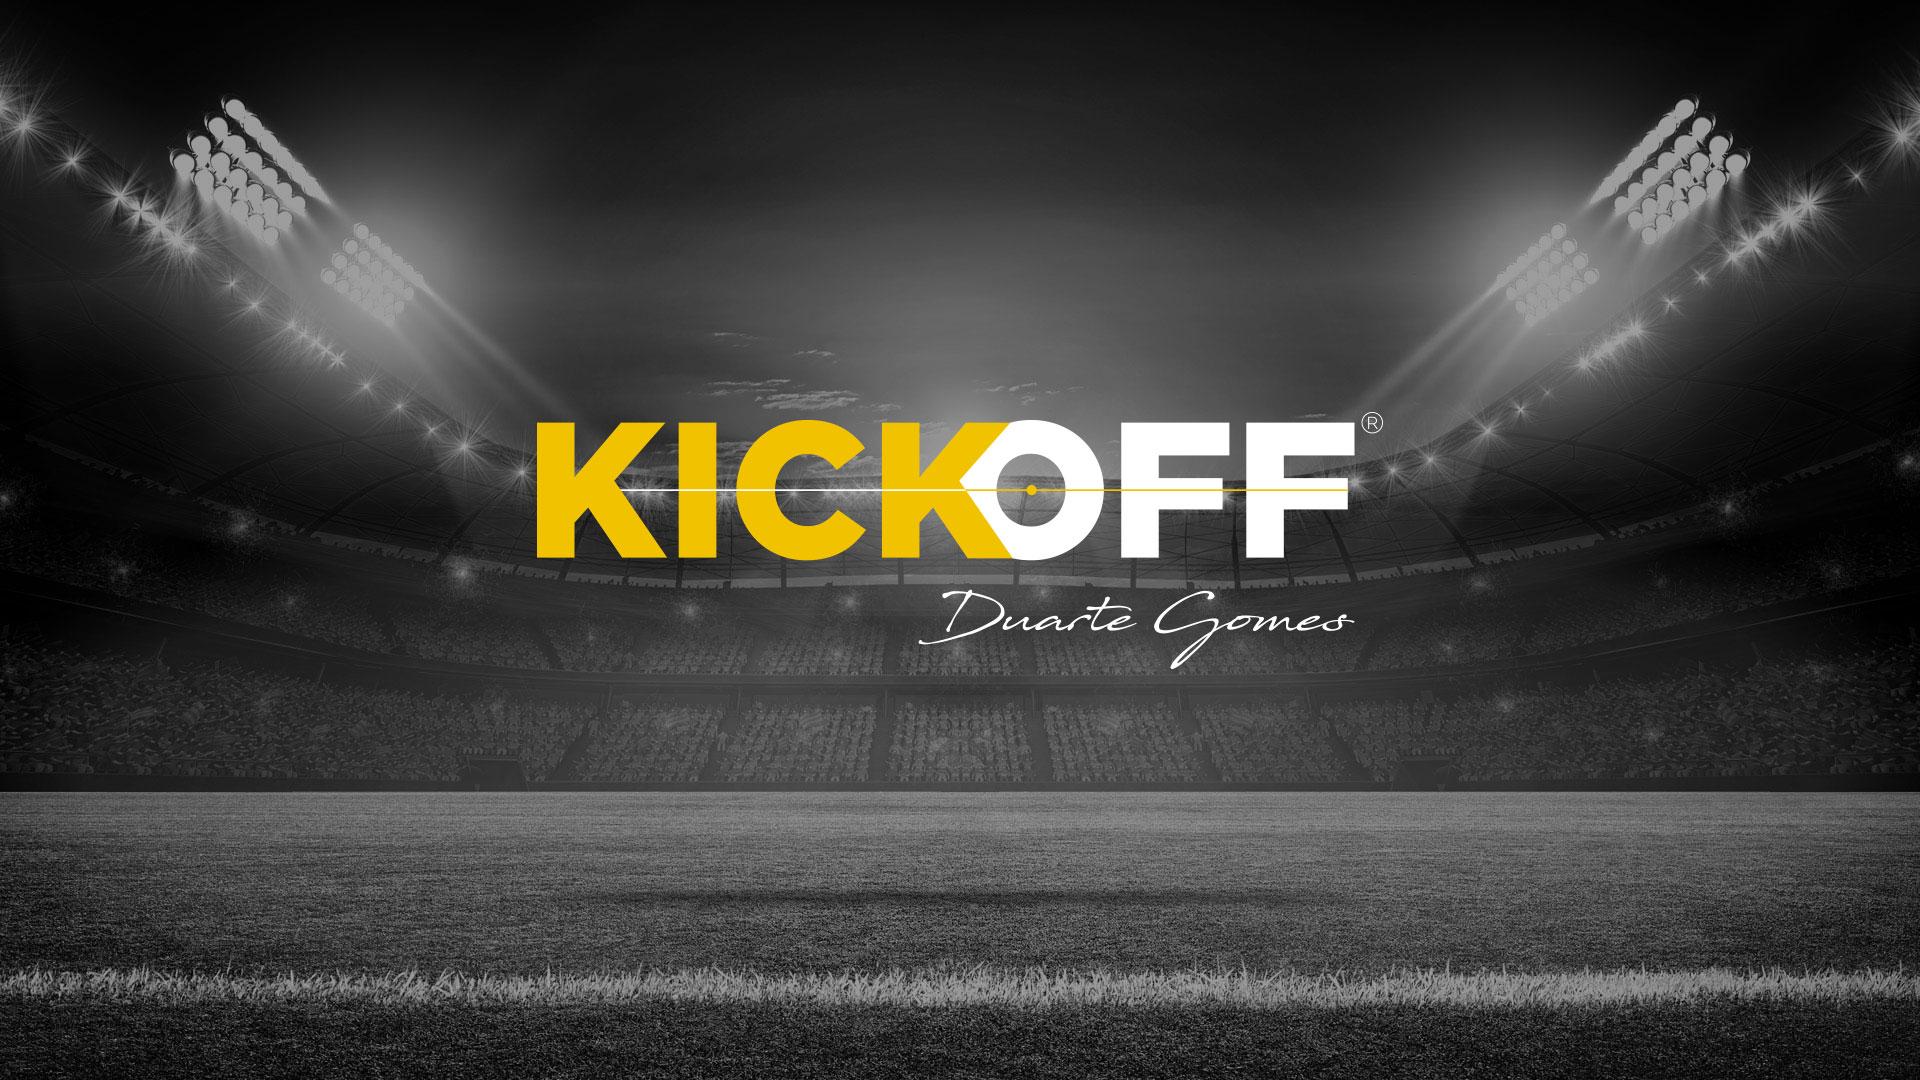 (c) Kickoff.pt